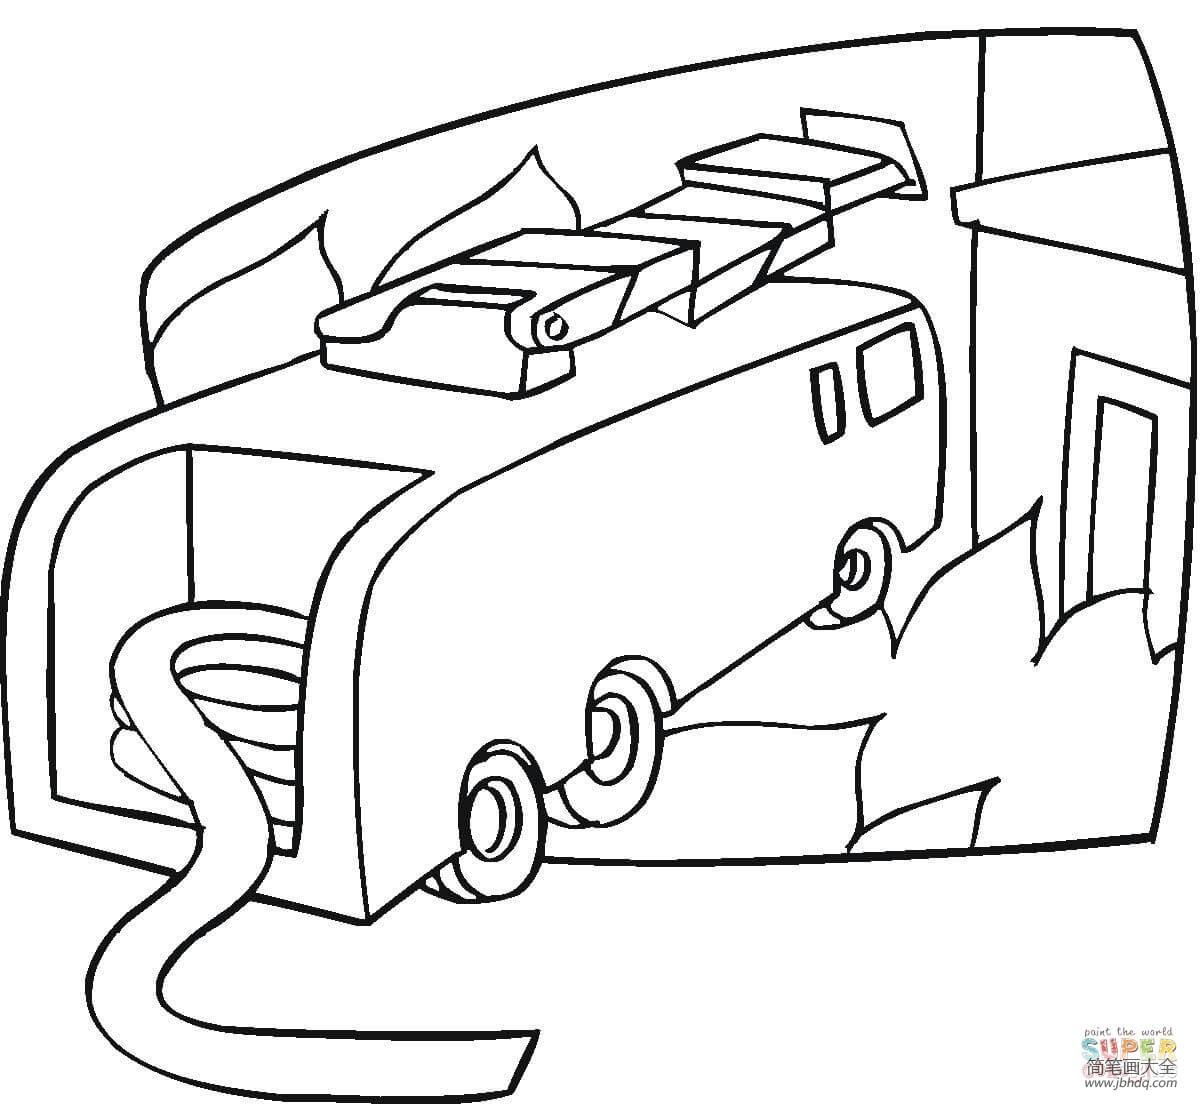 消防车怎么画的_消防车怎么画